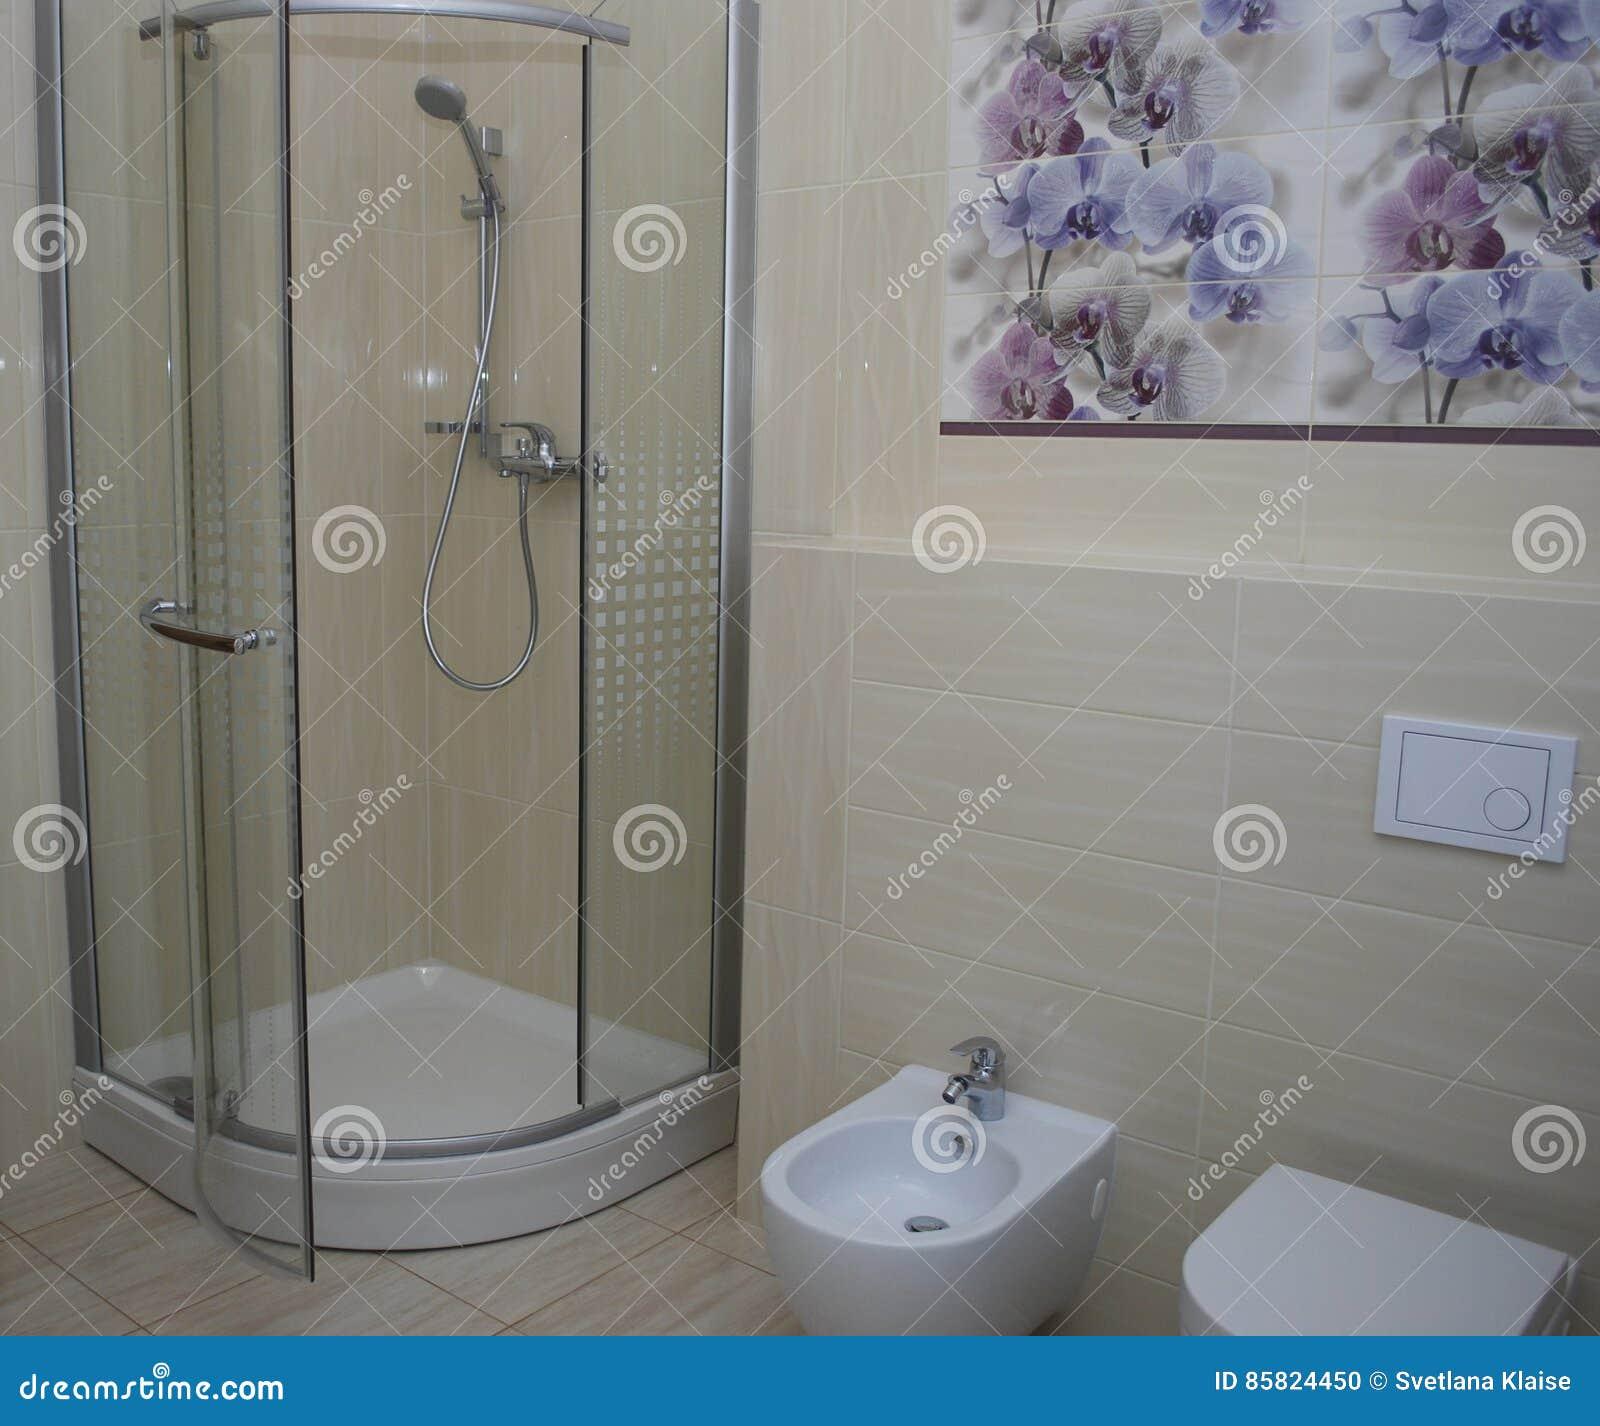 Salle De Bain Avec Toilette Et Douche ~ Douche Int Rieure De Salle De Bains Avec Une Porte Toilette